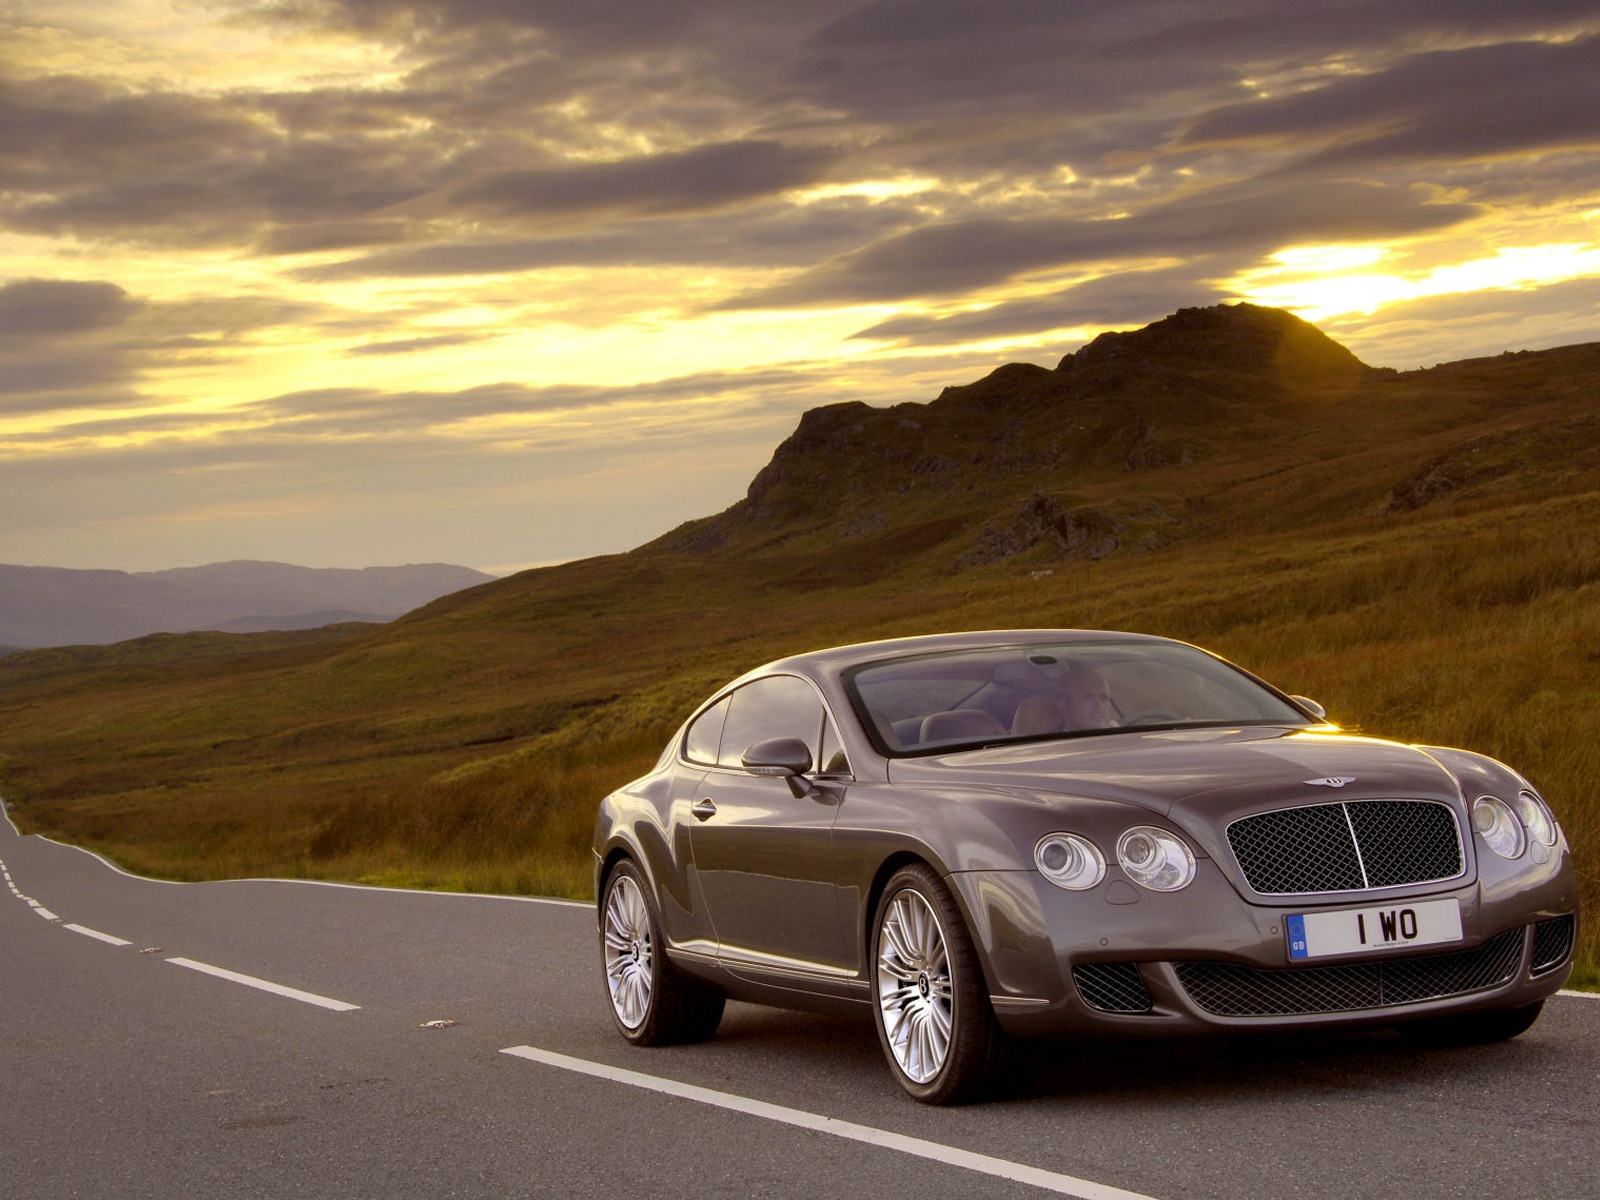 Тапет за Bentley